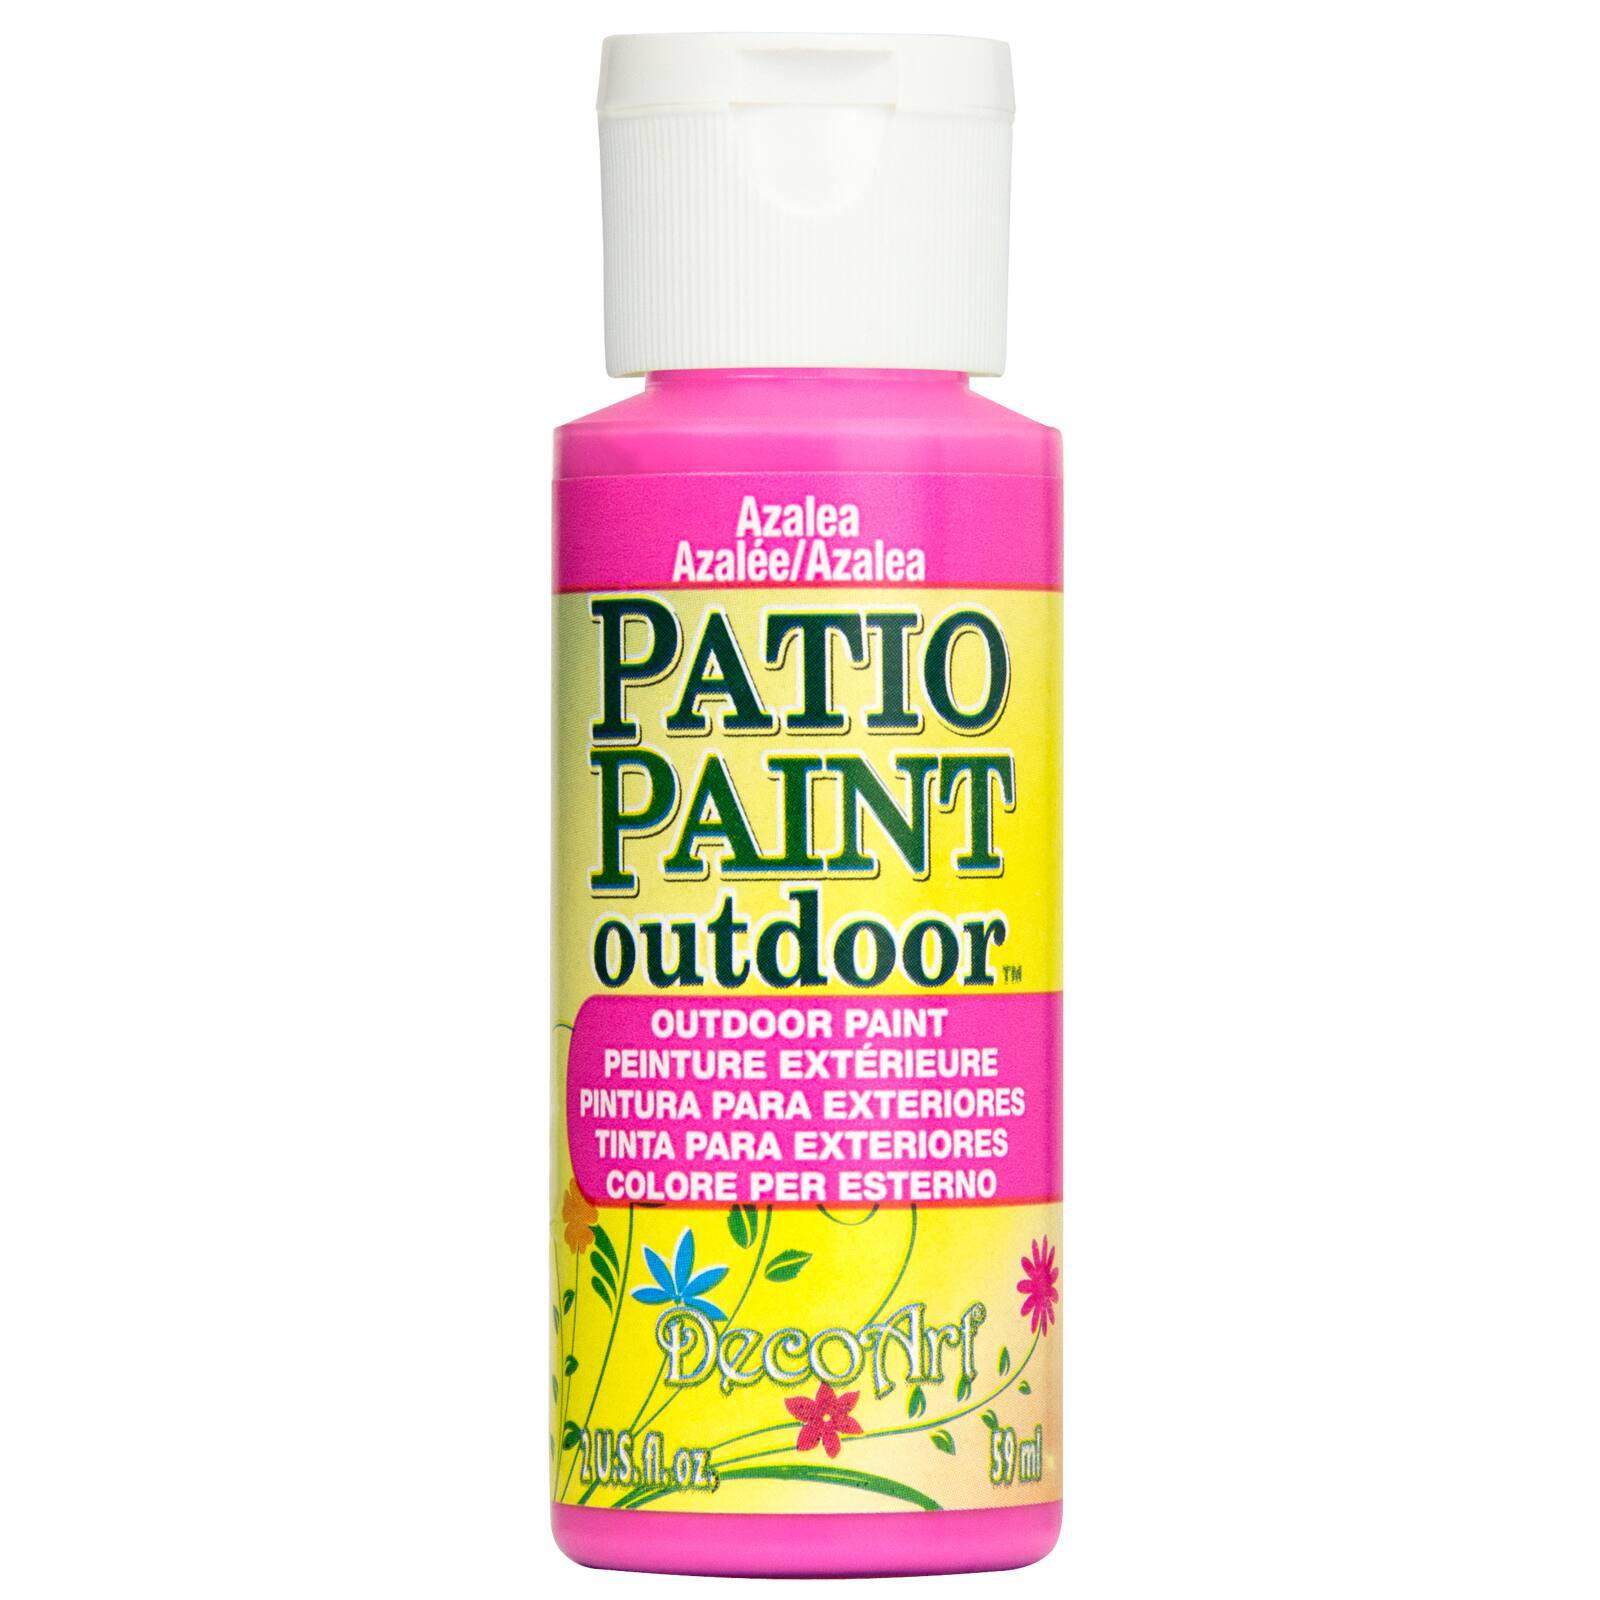 decoart patio paint outdoor